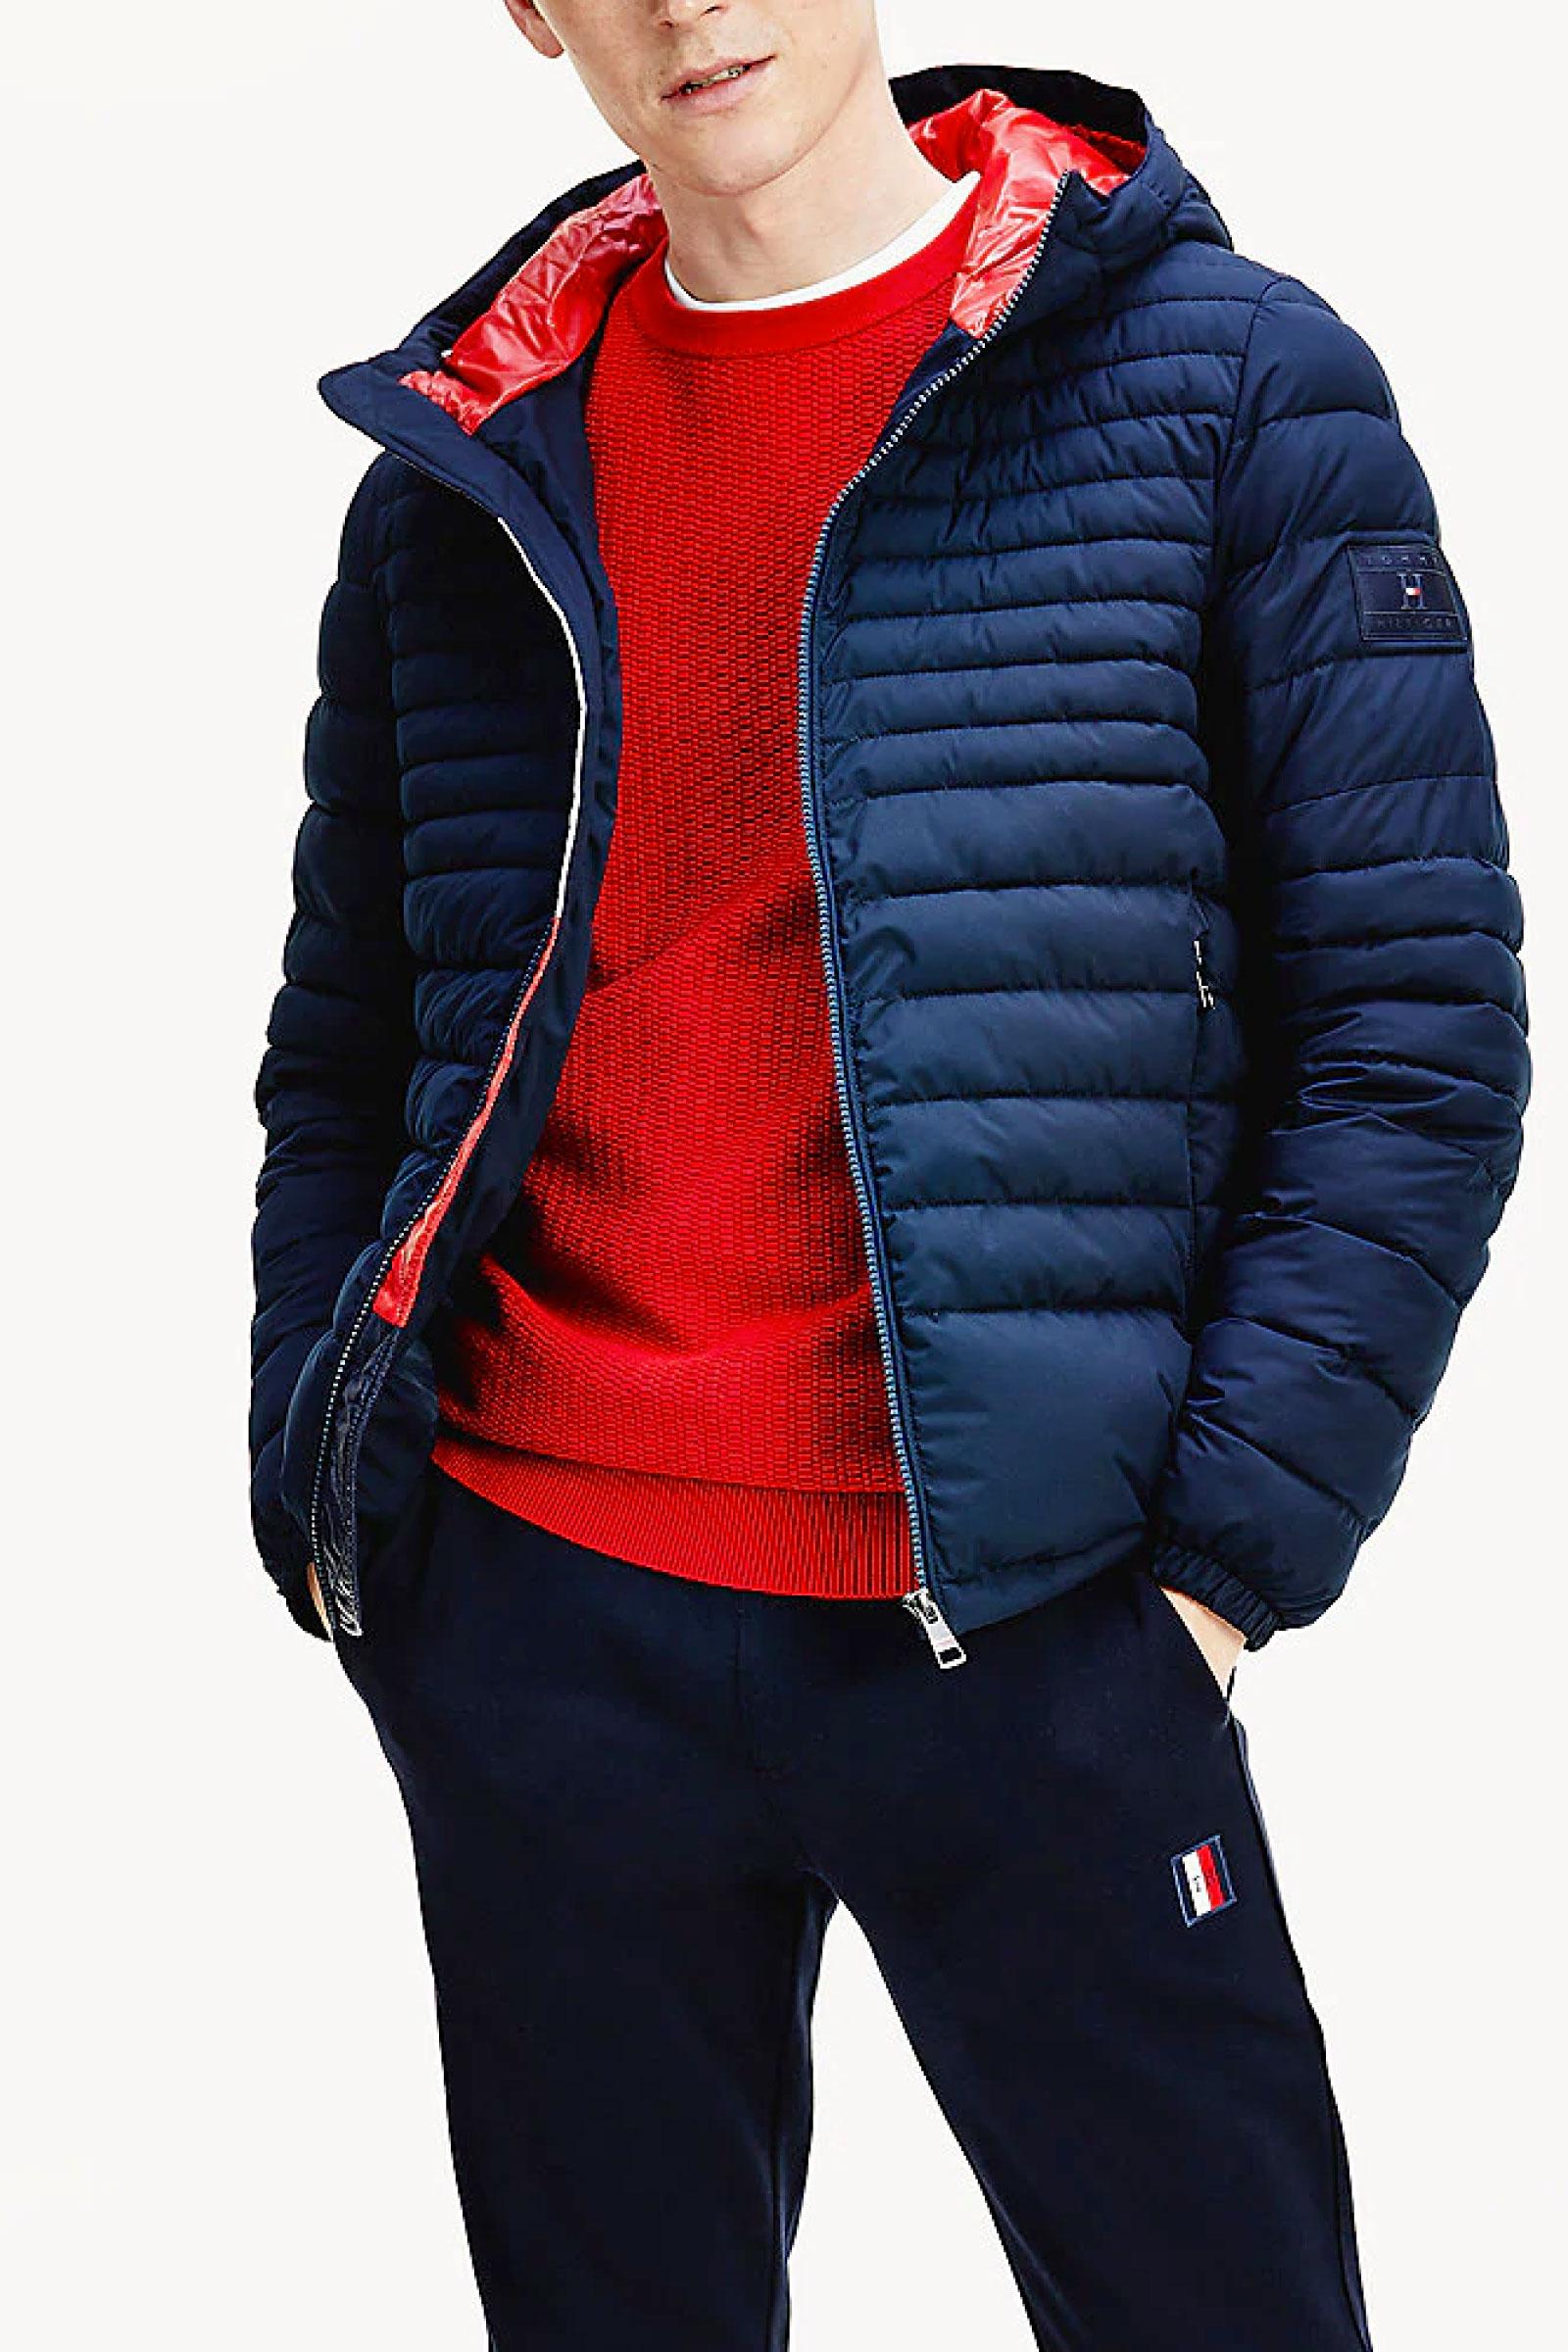 TOMMY HILFIGER Jacket Man TOMMY HILFIGER | Jacket | MW0MW14035DW5